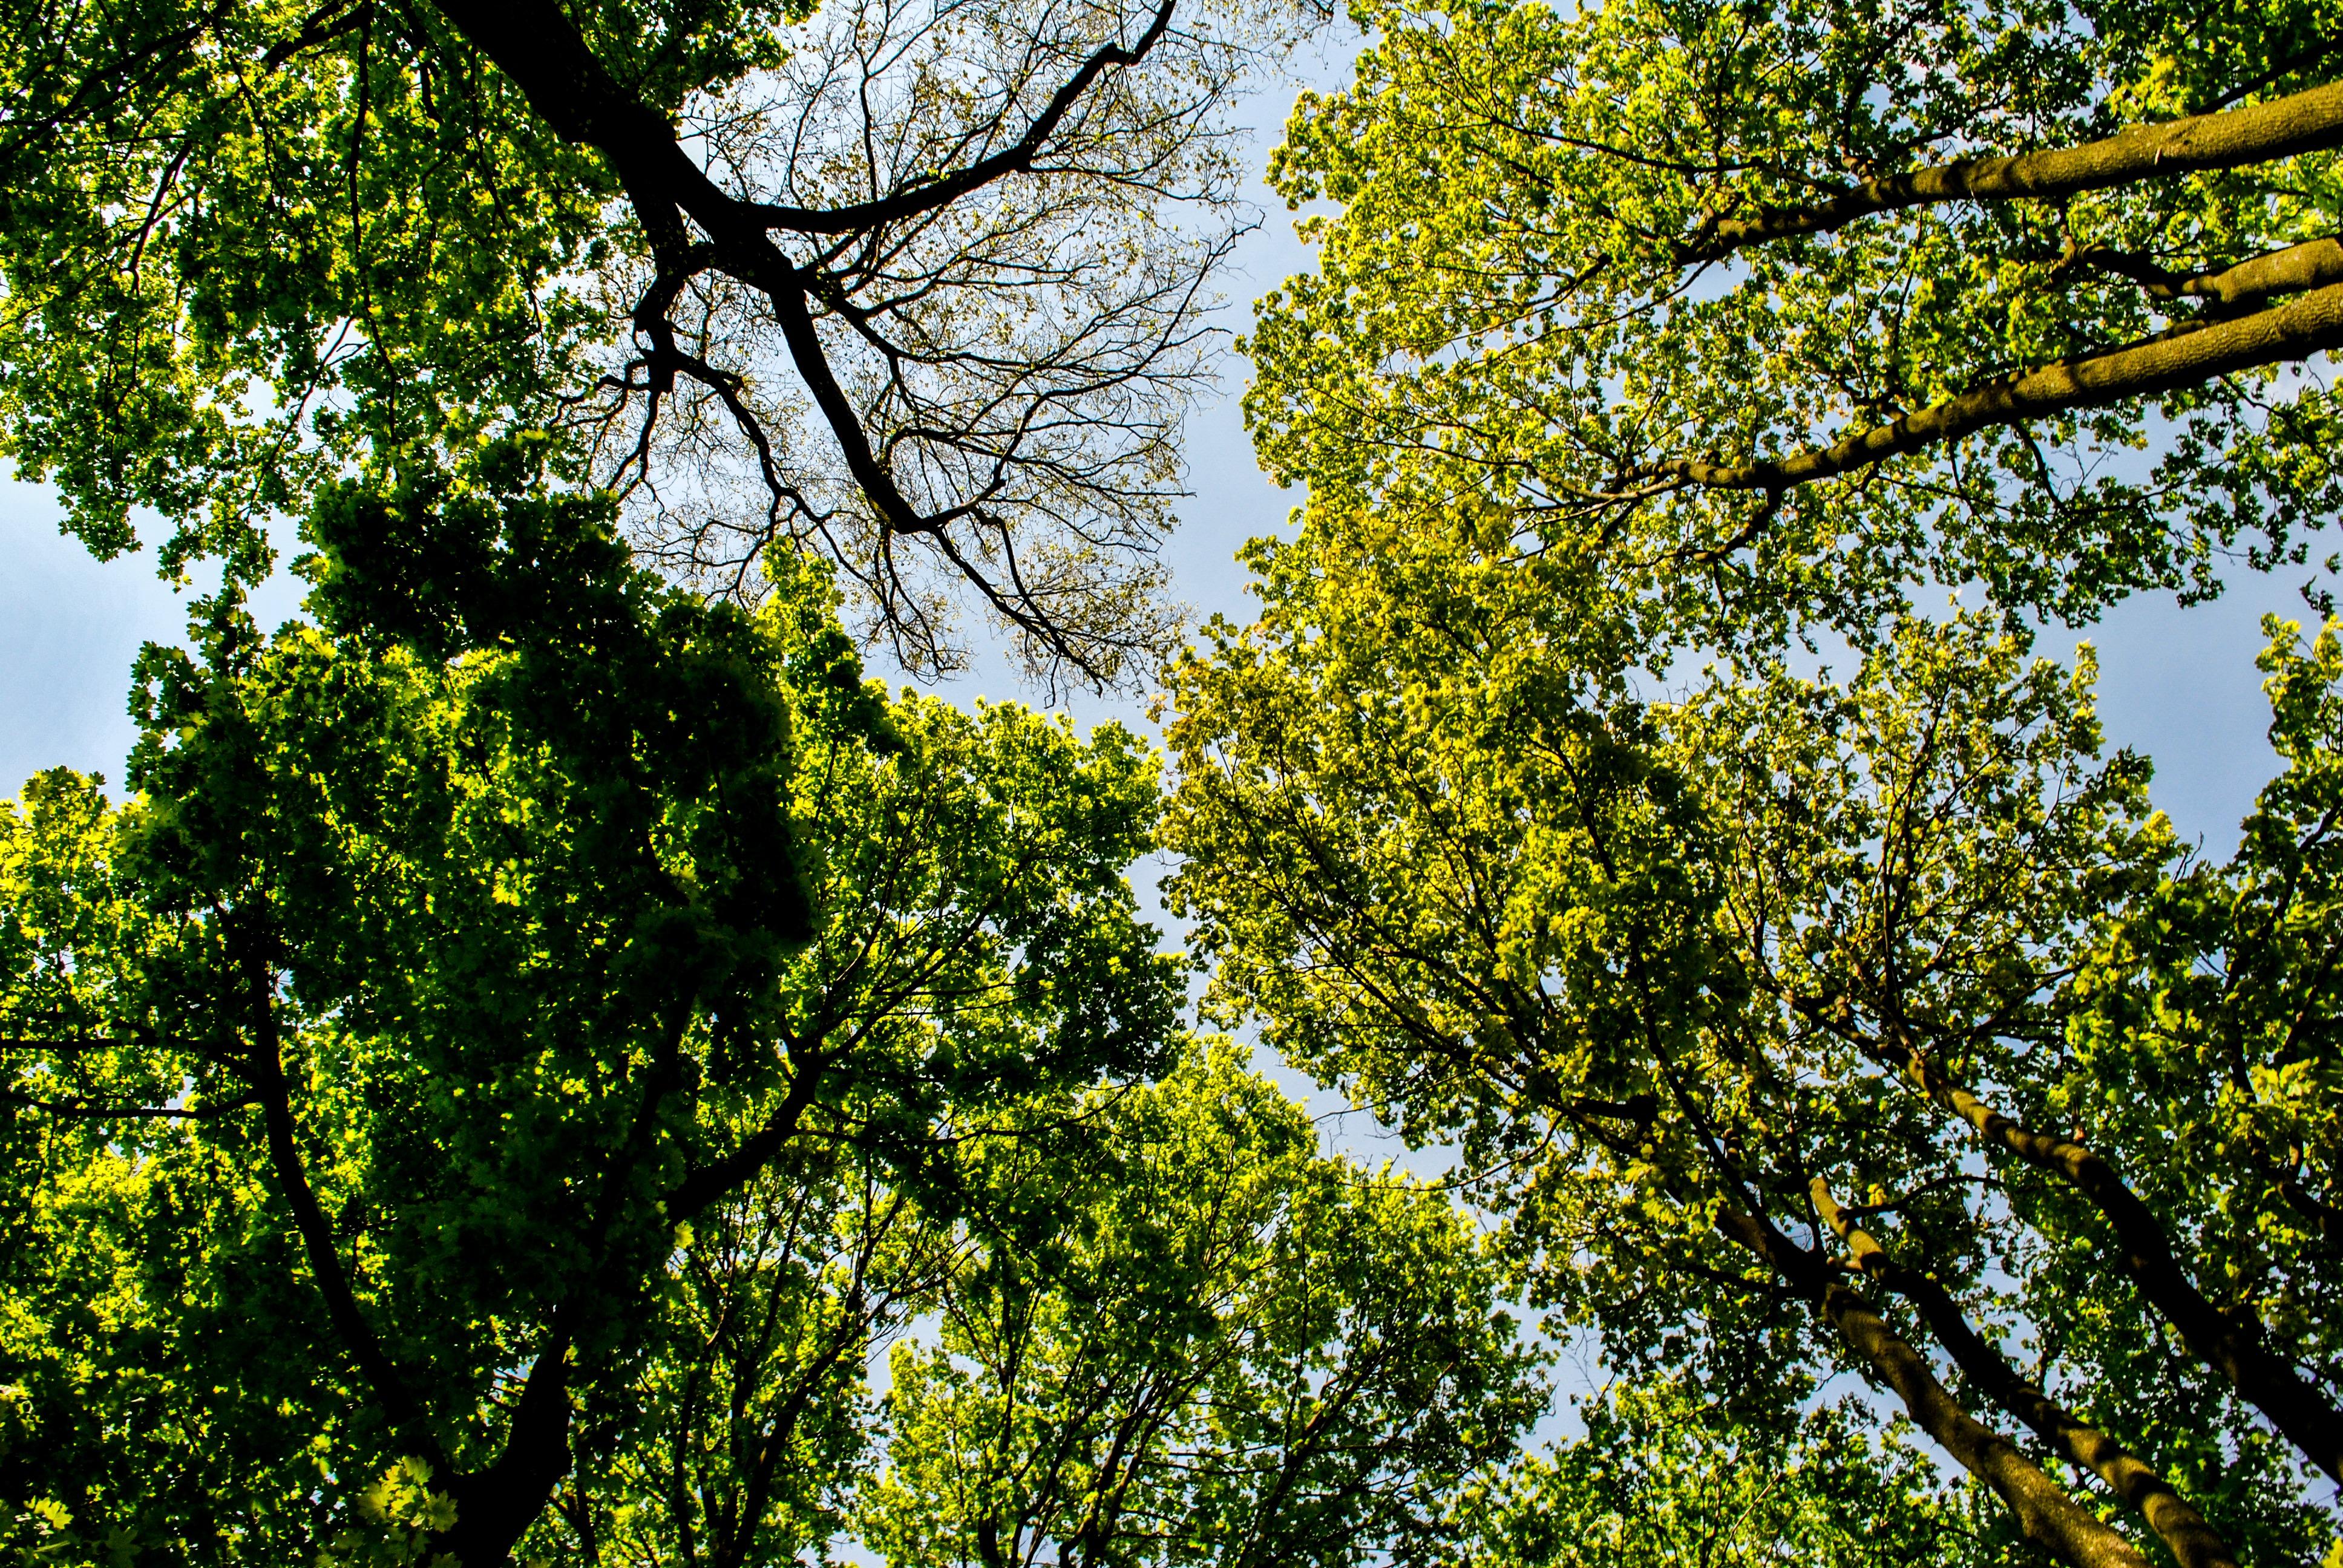 foto de Images Gratuites : arbre, la nature, herbe, branche, plante, ciel ...